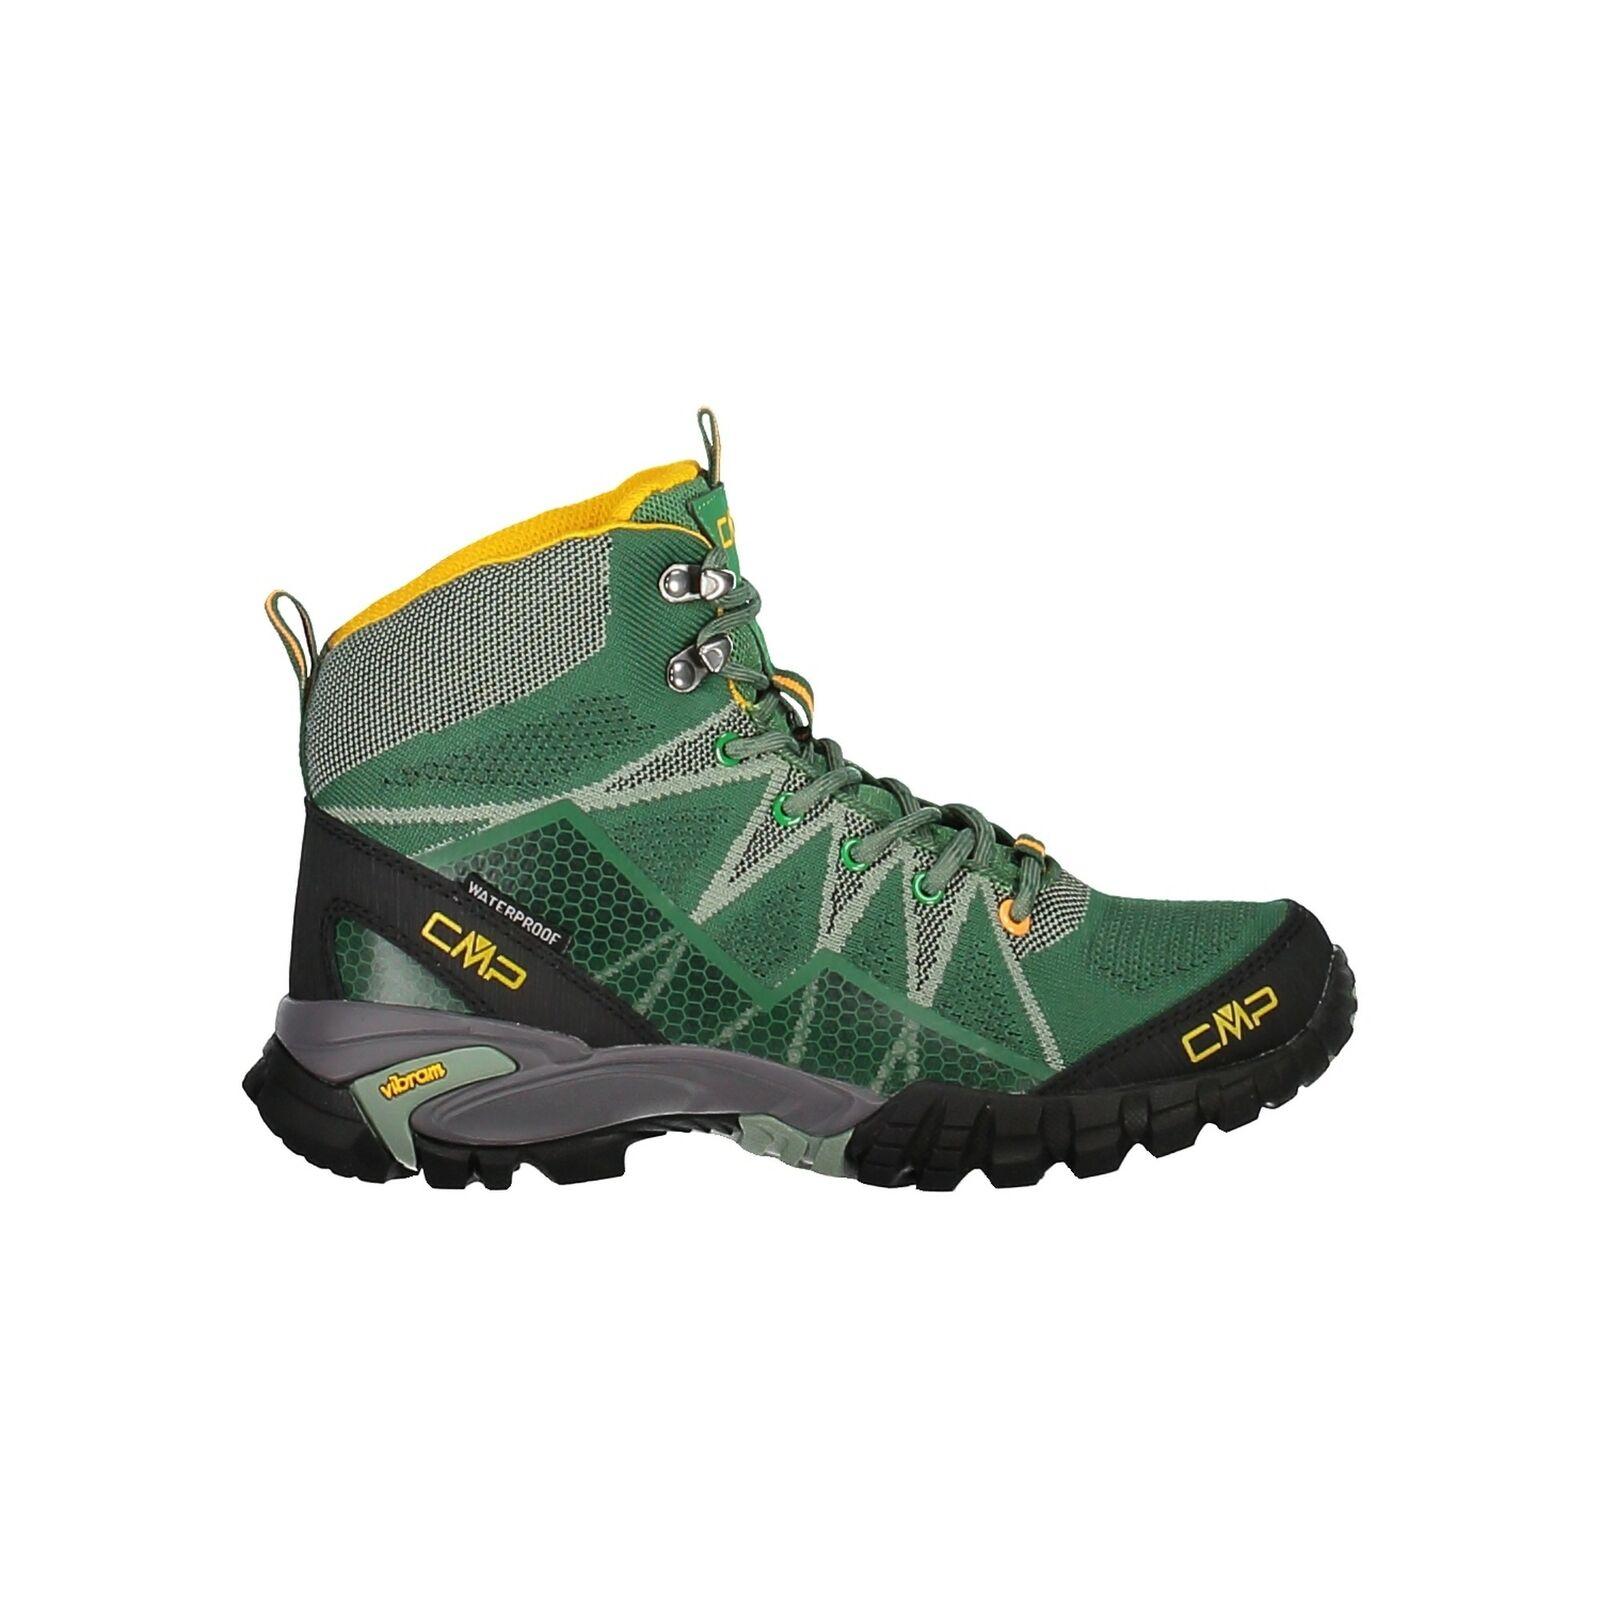 CMP Trekkingschuhe Outdoorschuh  Tauri Mid Wmn Trekking shoes Wp green wasserdicht  brand outlet